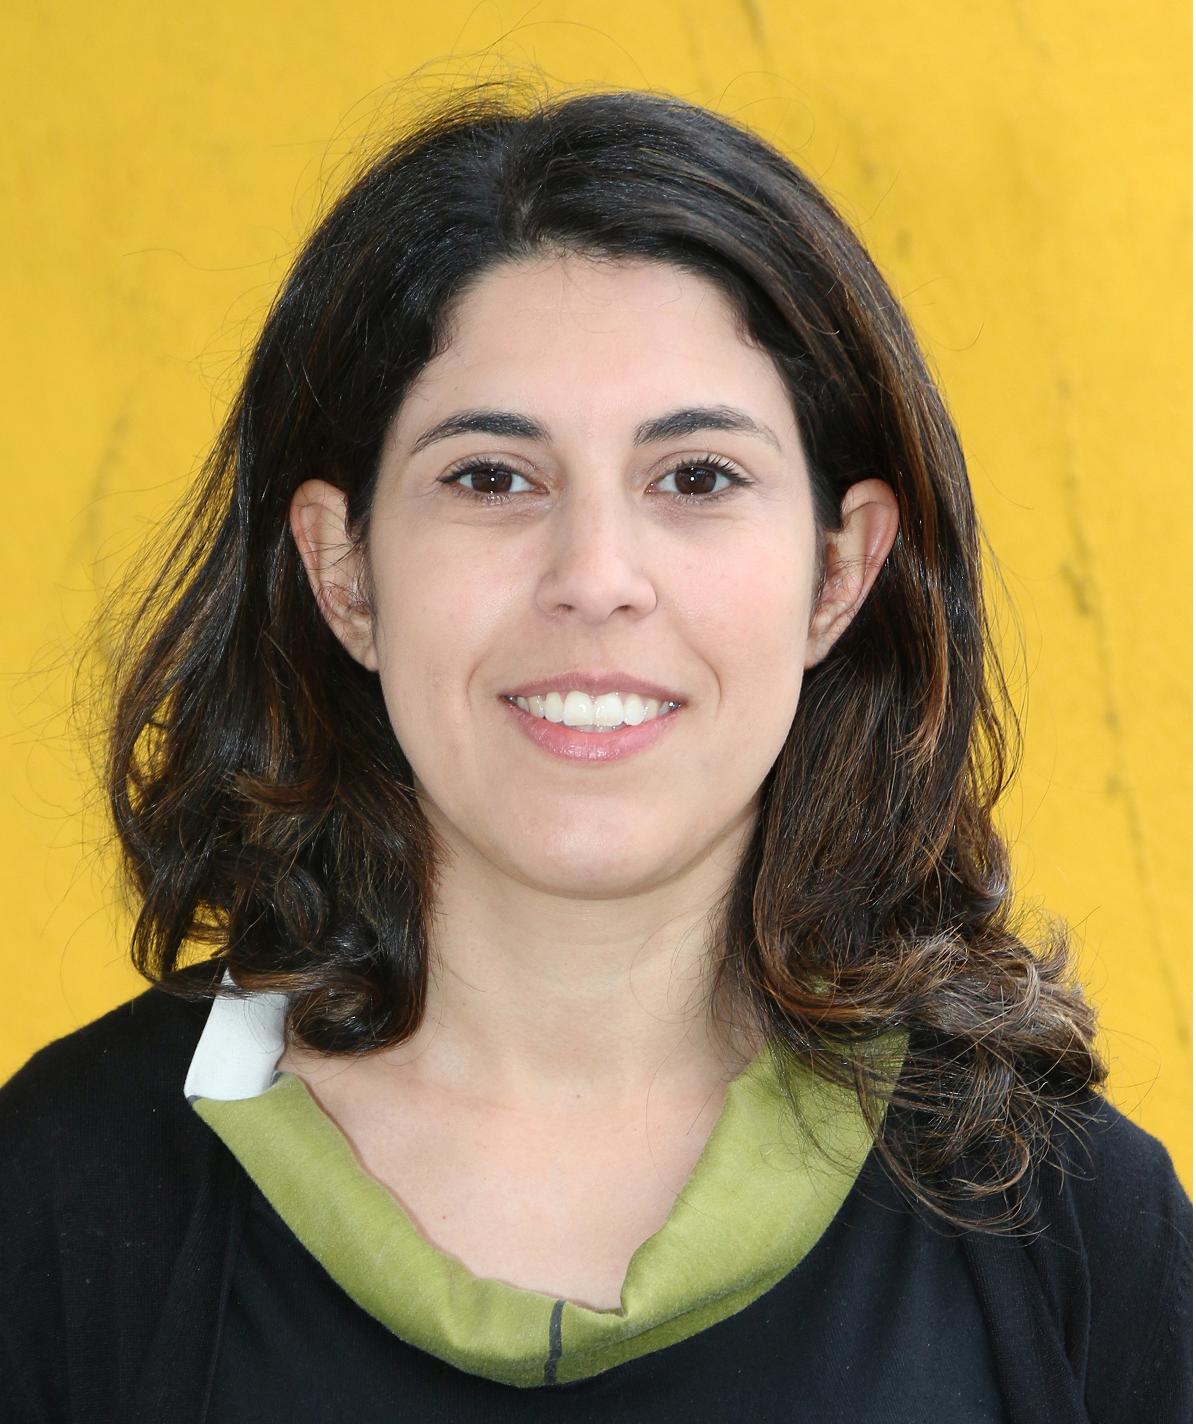 Ines Falcao-Pires